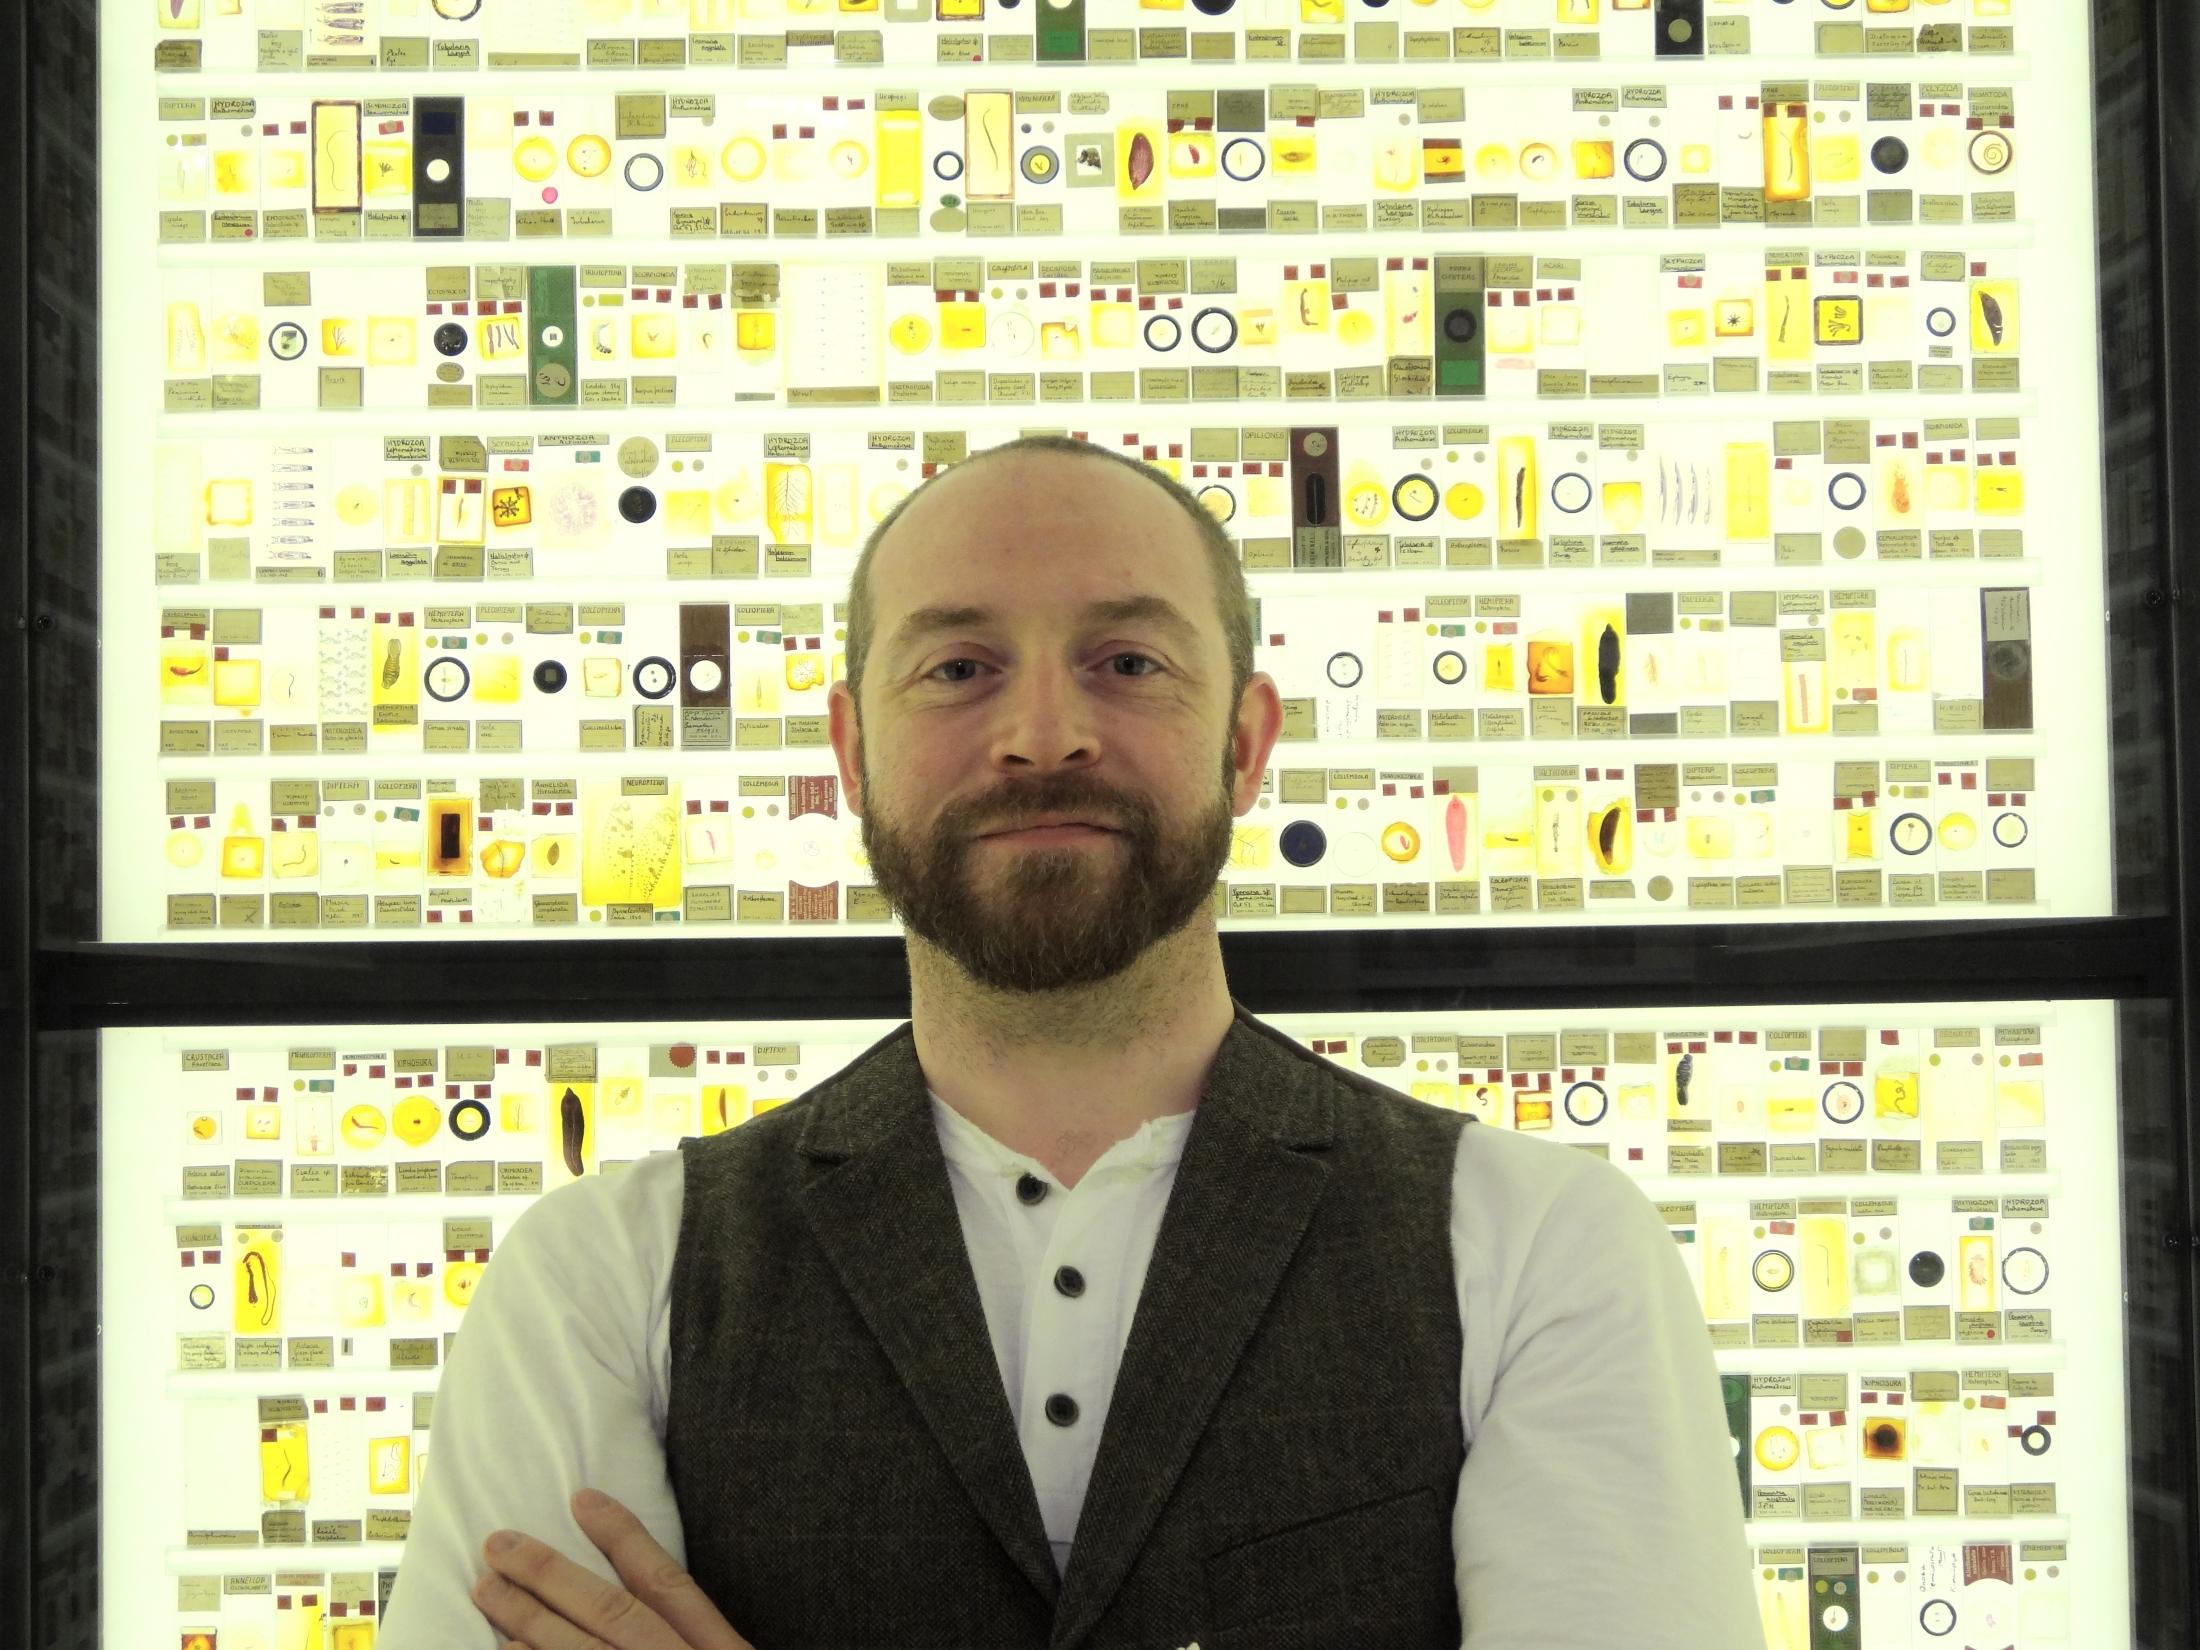 Paolo Viscardi, in the Grant Museum's amazing Micrarium